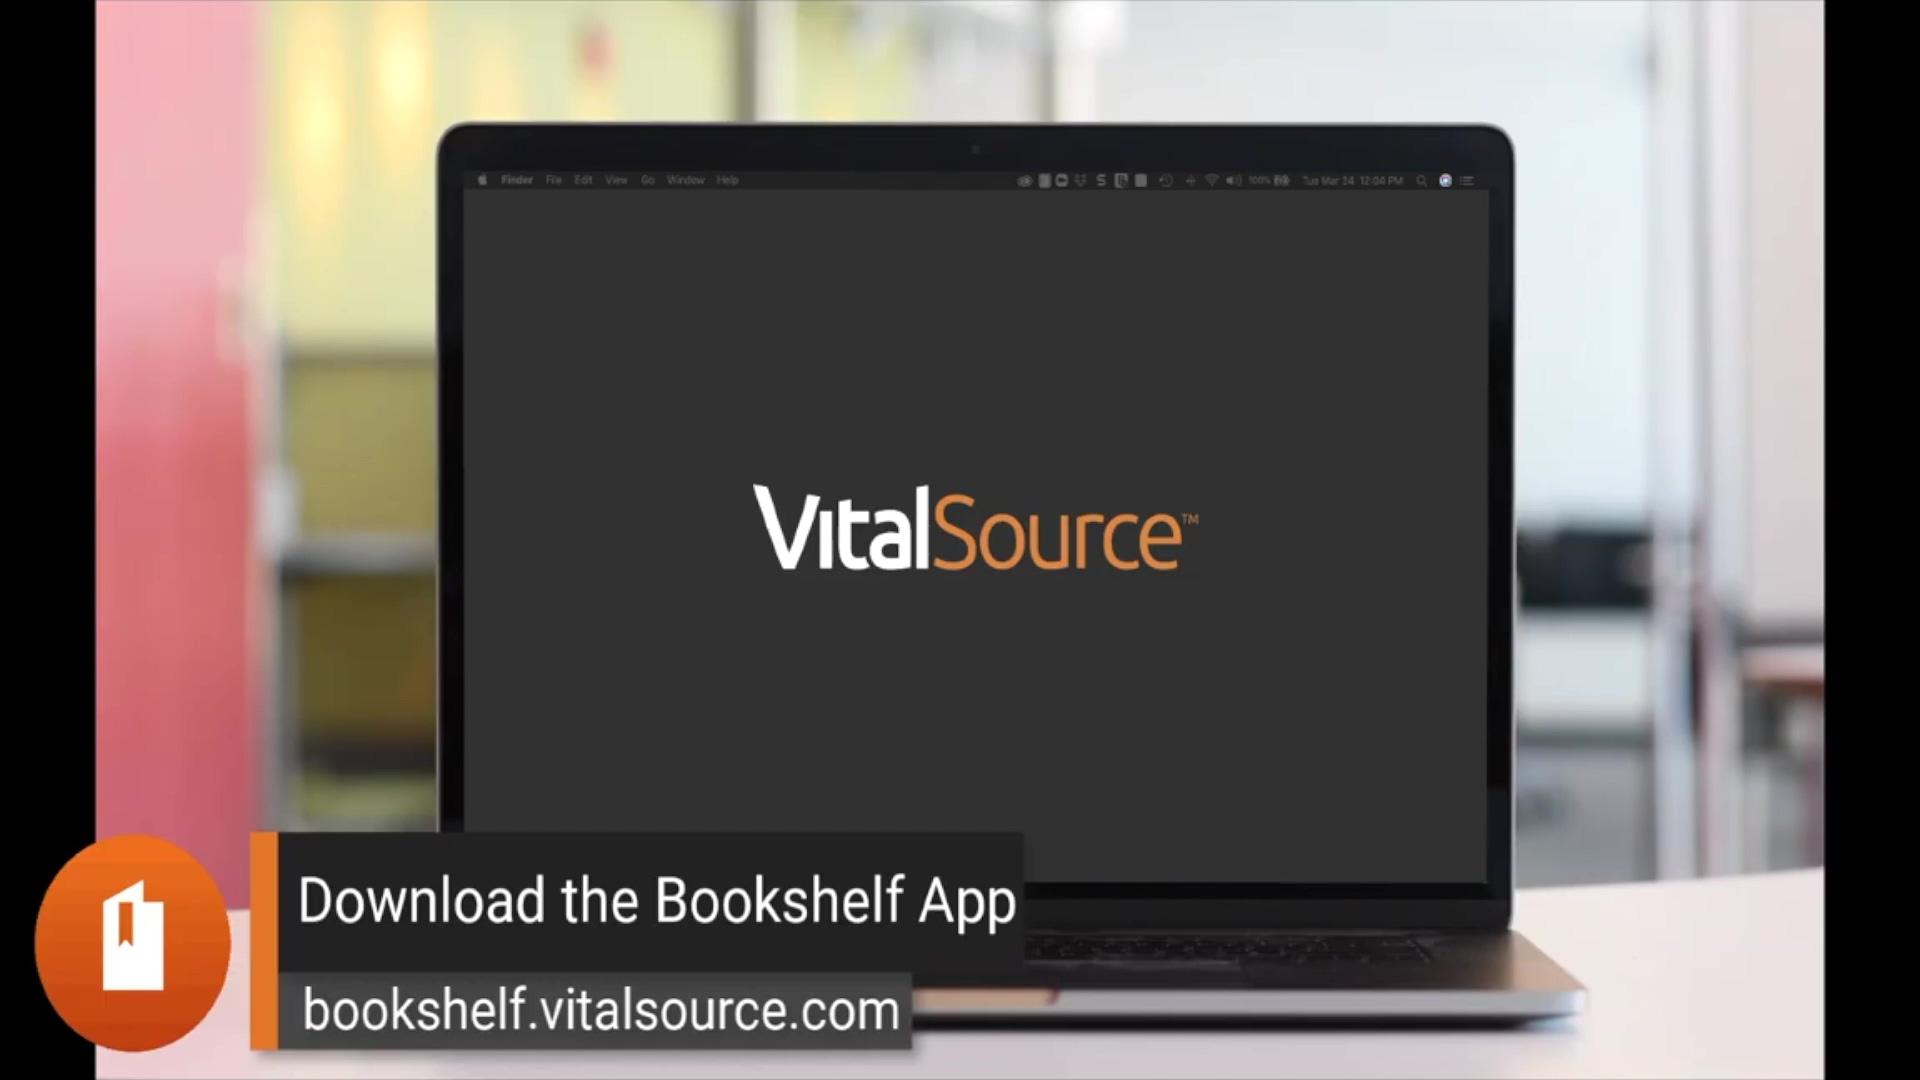 Download the Bookshelf App INTL